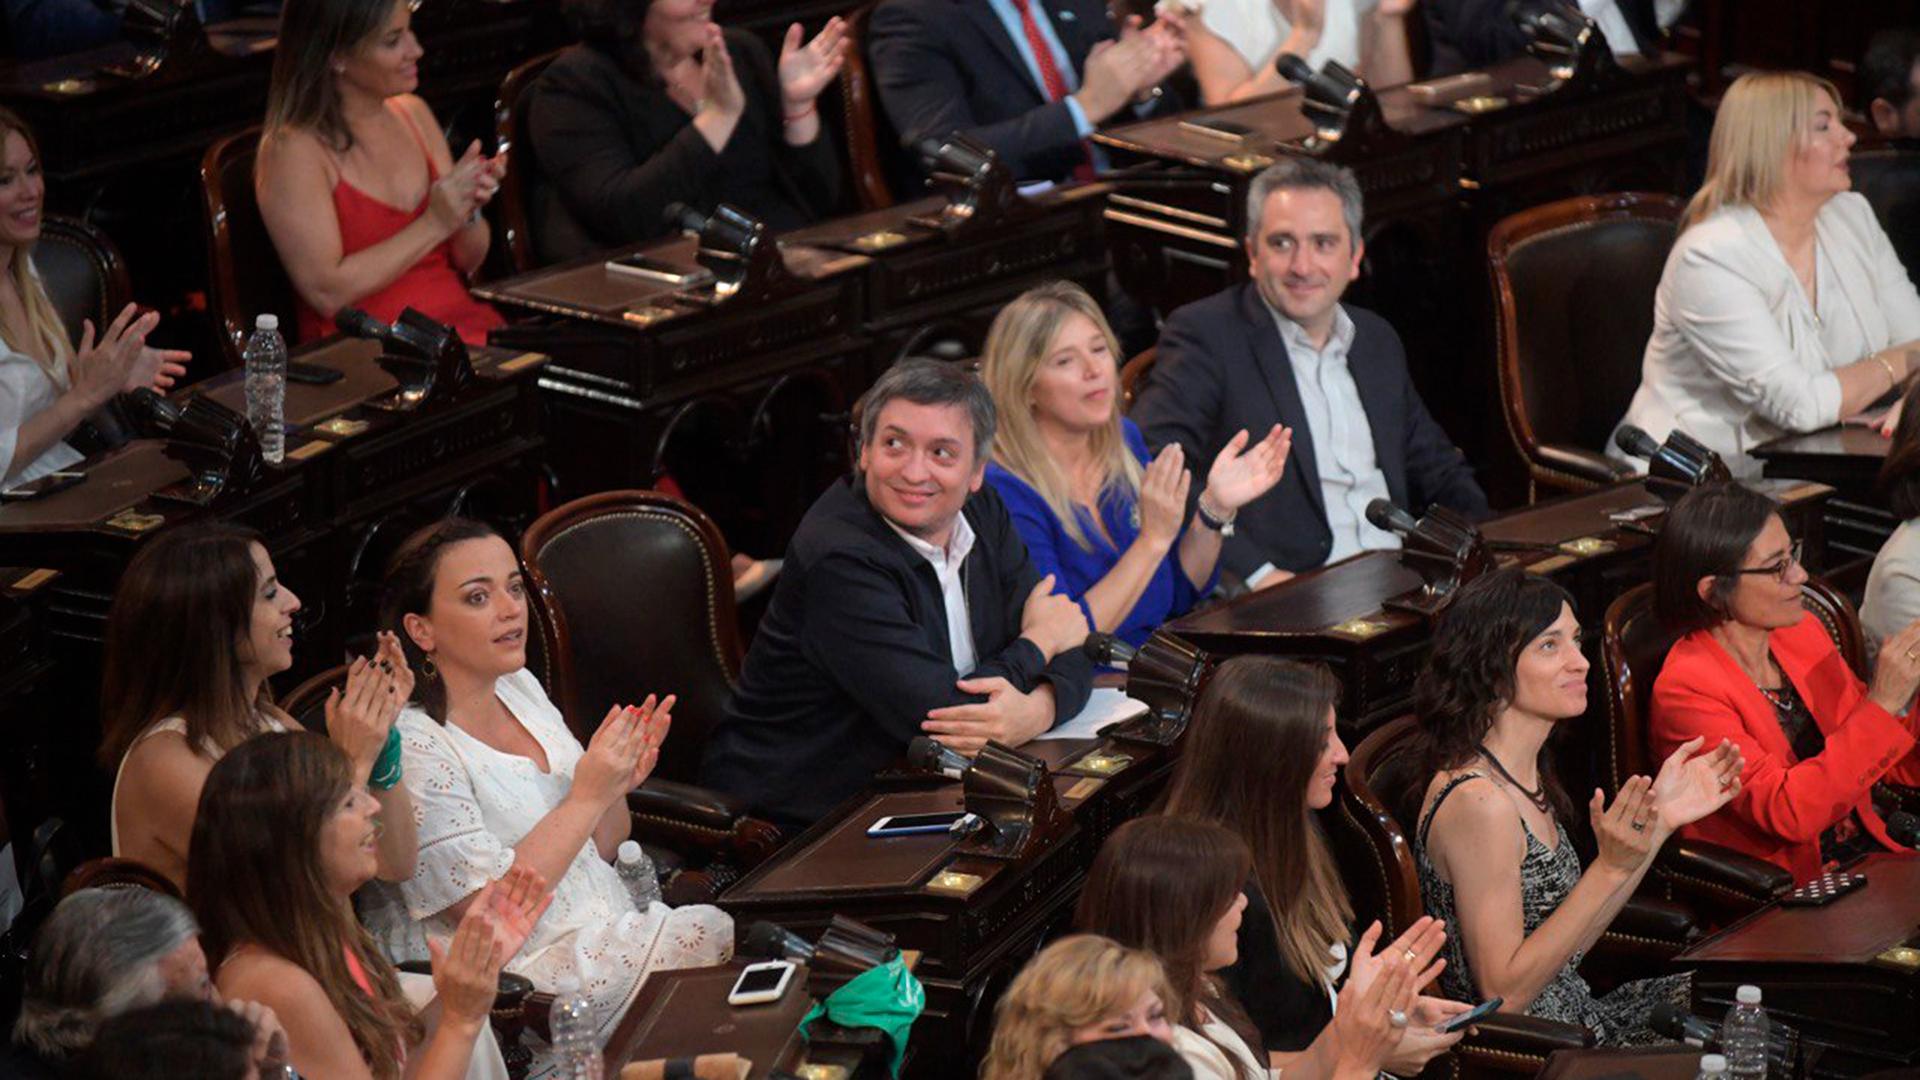 Máximo Kirchner, presidente del bloque en la Cámara de Diputados, junto a otros legisladores kirchneristas